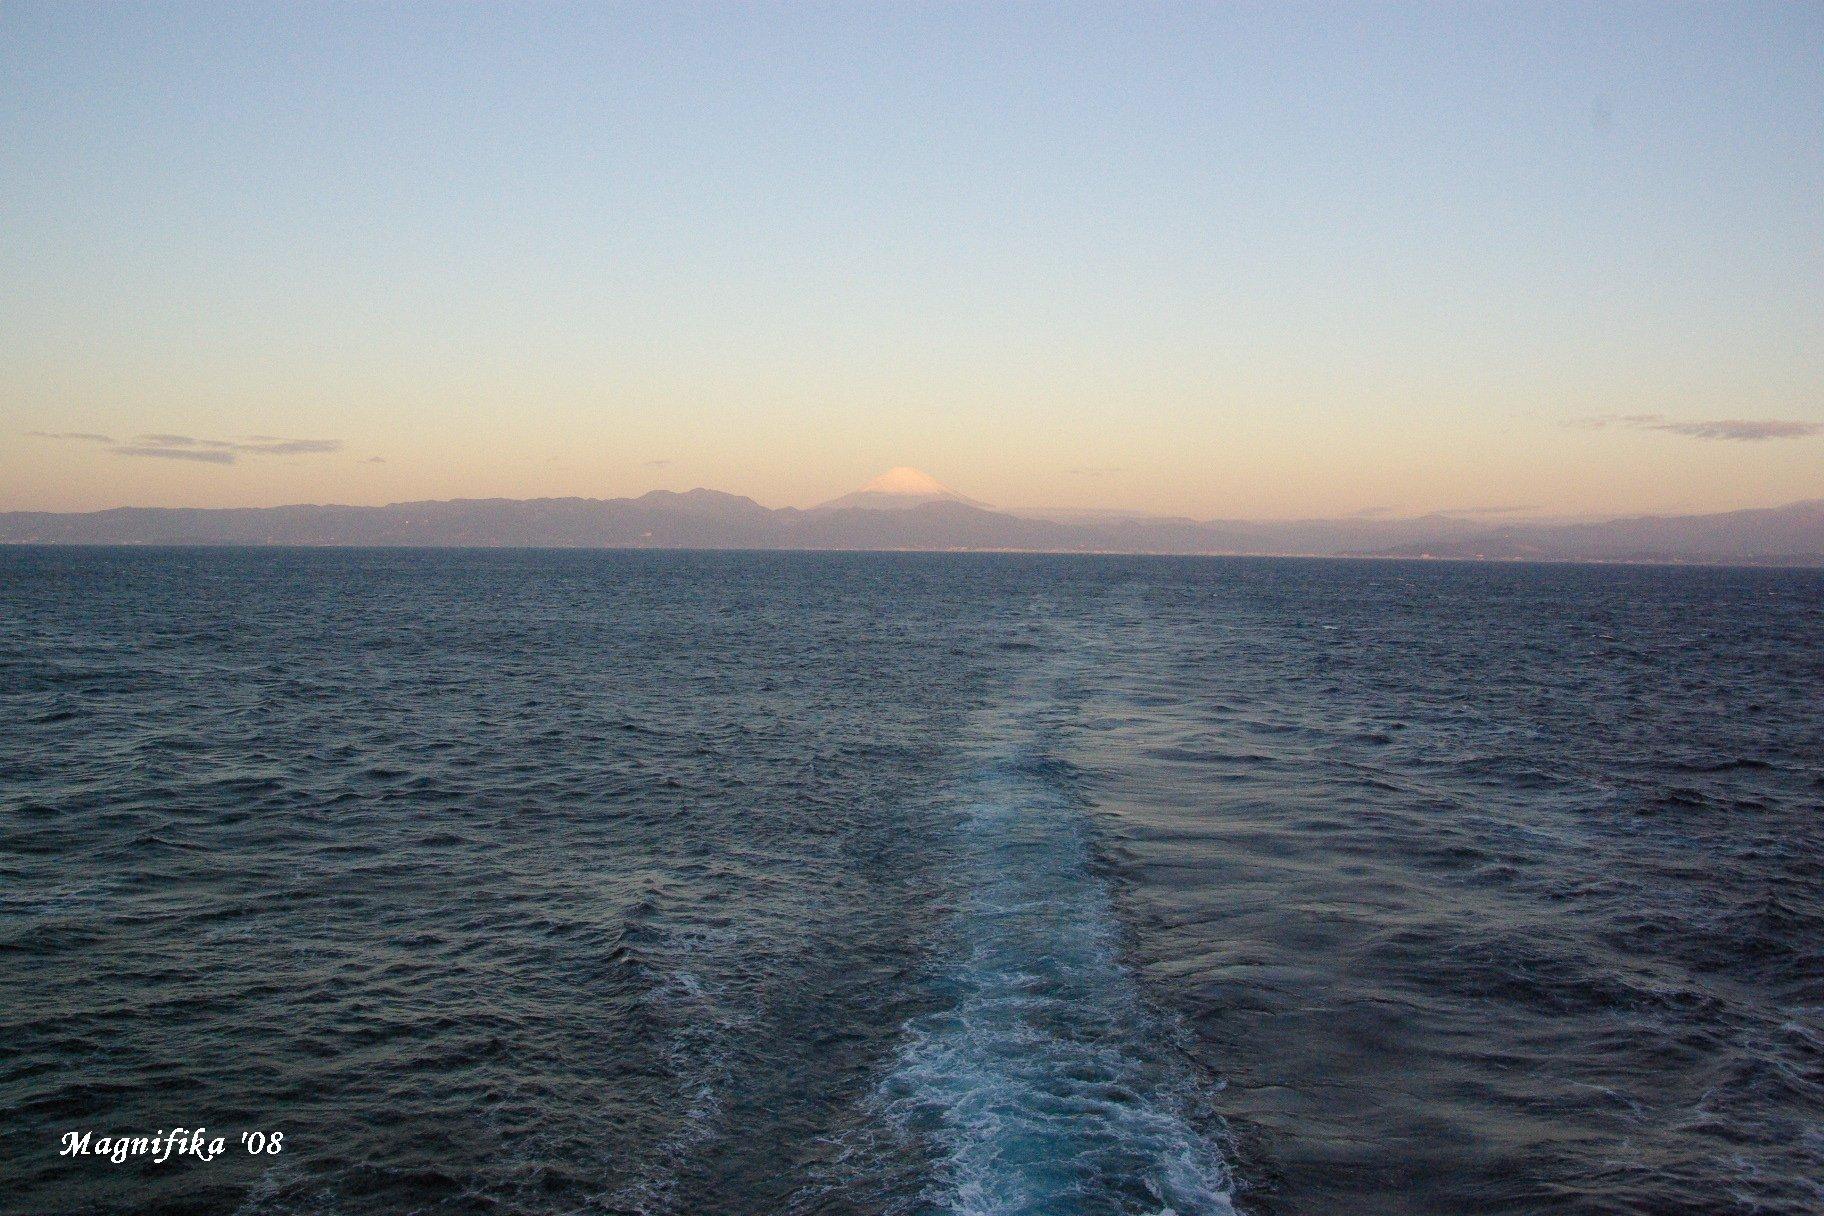 ぱしふぃっく びいなす Pacific Venus cruise report-8 Last day of the cruise_e0140365_19292299.jpg